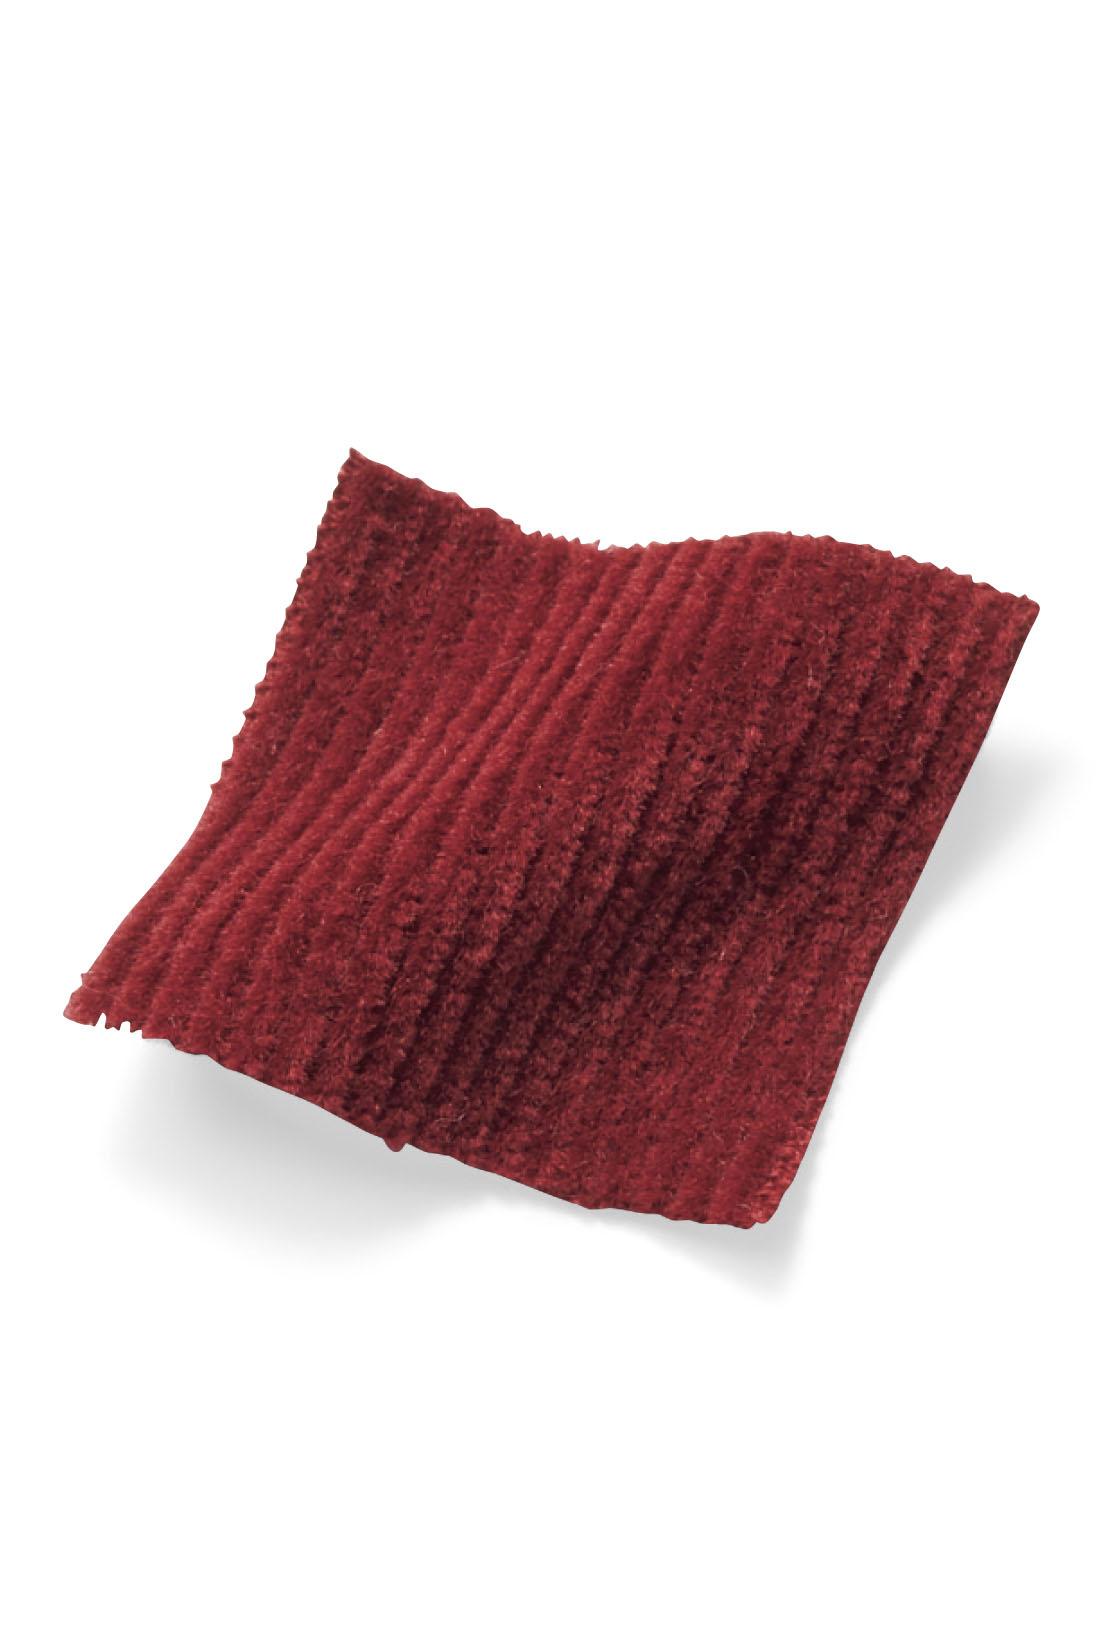 分厚すぎない細うねコーデュロイが軽やかではきやすく、気軽に秋気分を味わいたいときにぴったり。